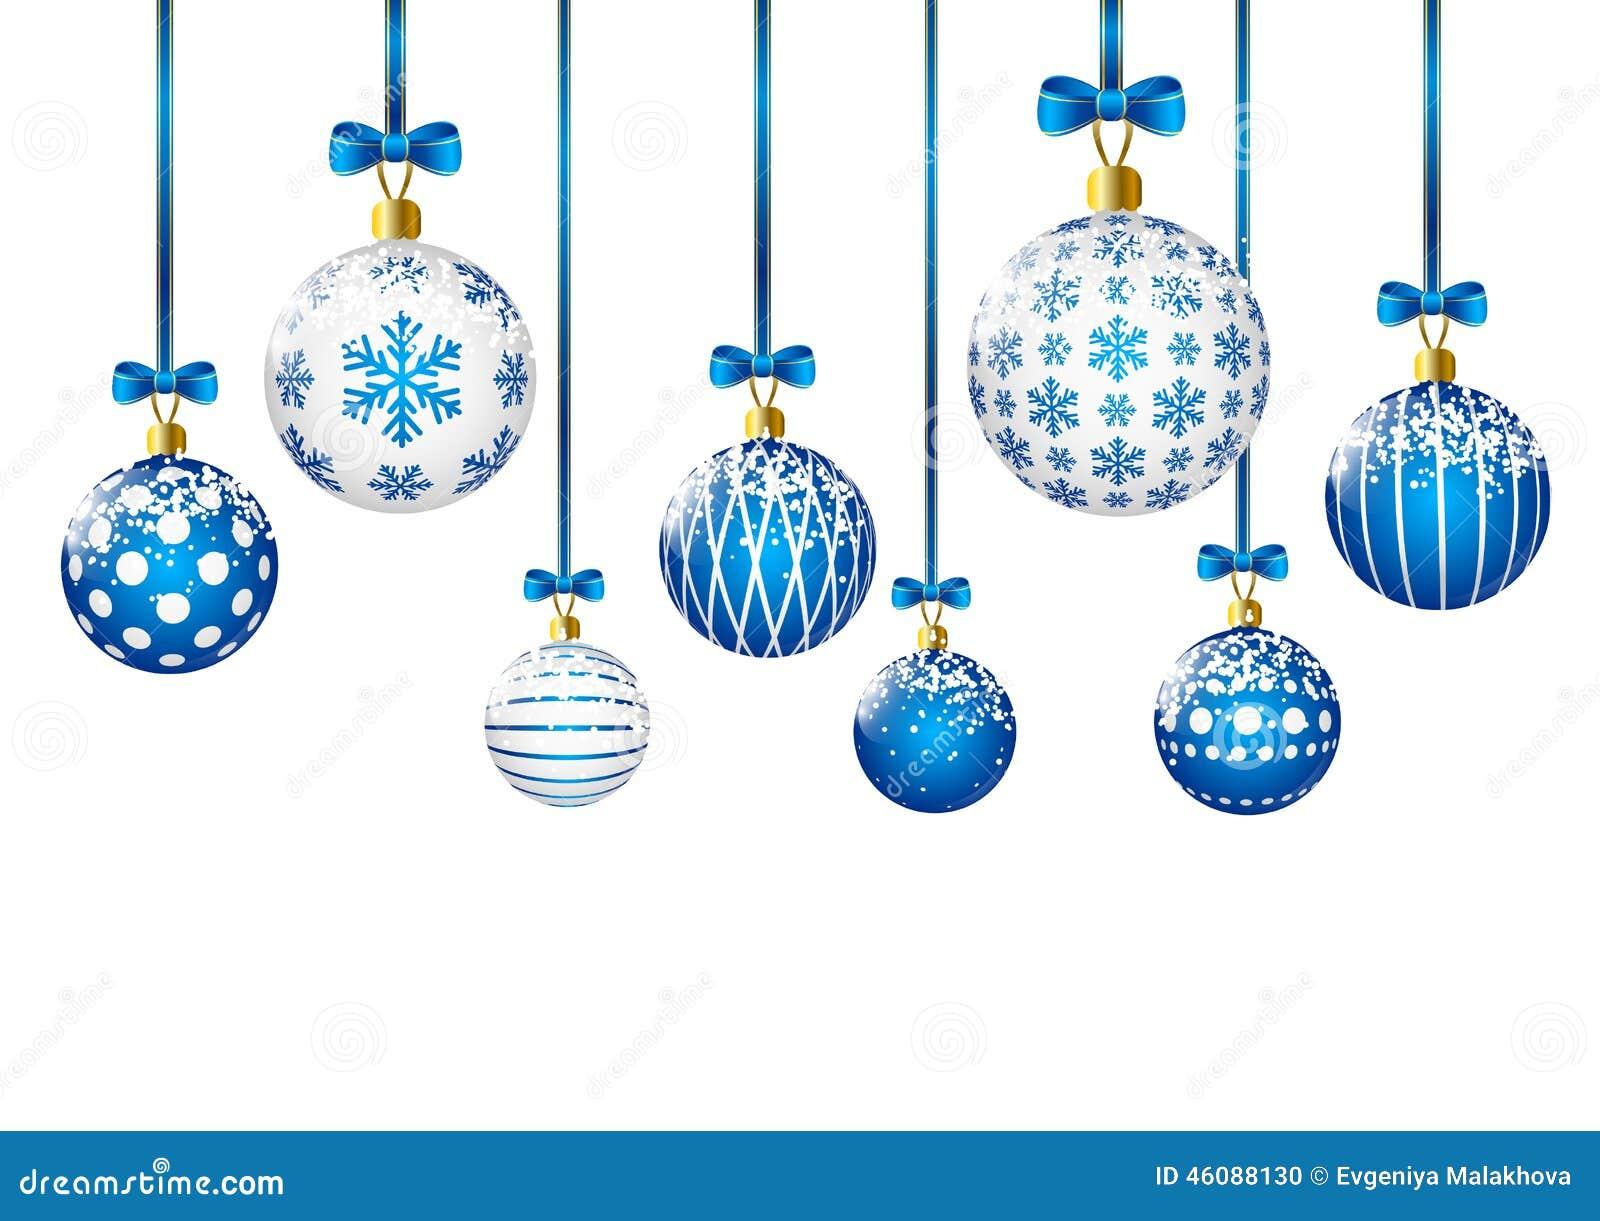 blaue weihnachtskugeln auf wei em hintergrund vektor abbildung bild 46088130. Black Bedroom Furniture Sets. Home Design Ideas